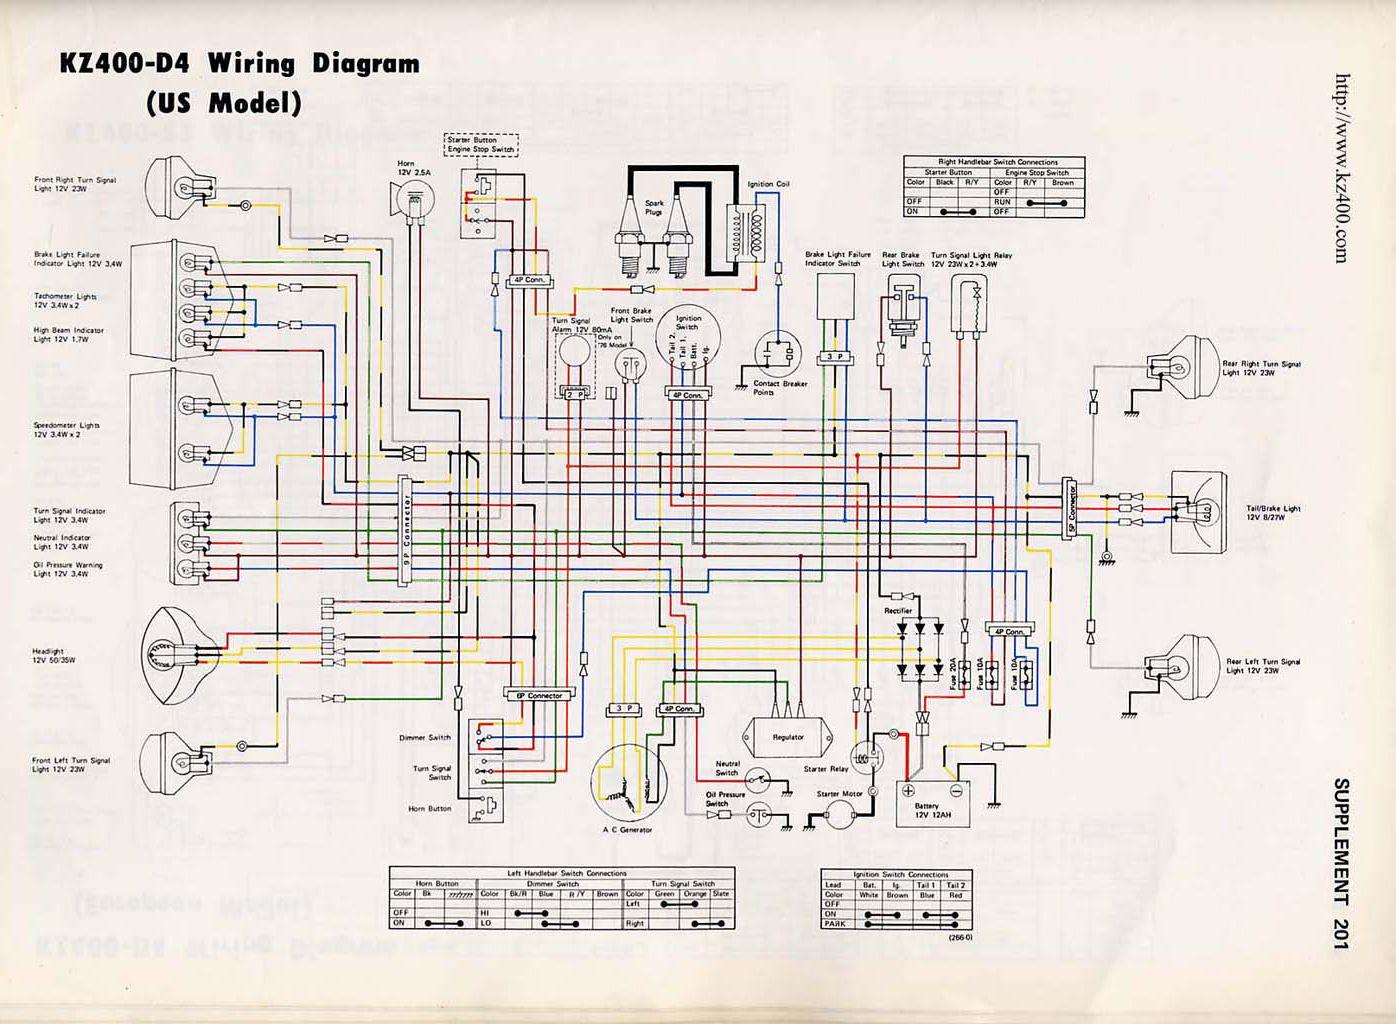 1976 kz400 wiring diagram schematic wiring diagram